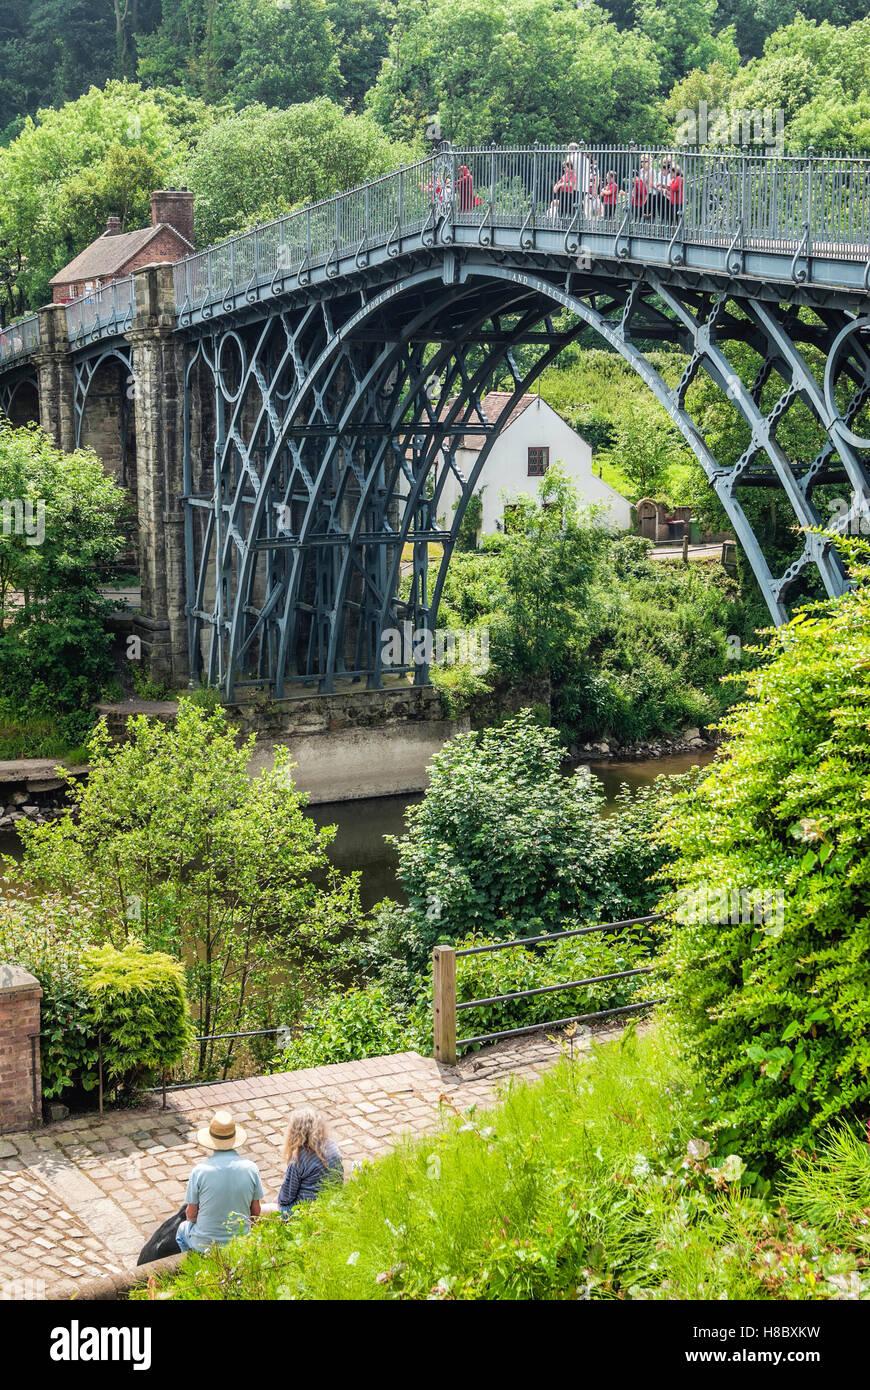 Die Eisen-Brücke überquert den Fluss Severn in Ironbridge Gorge, durch das Dorf Ironbridge, Shropshire, Stockbild